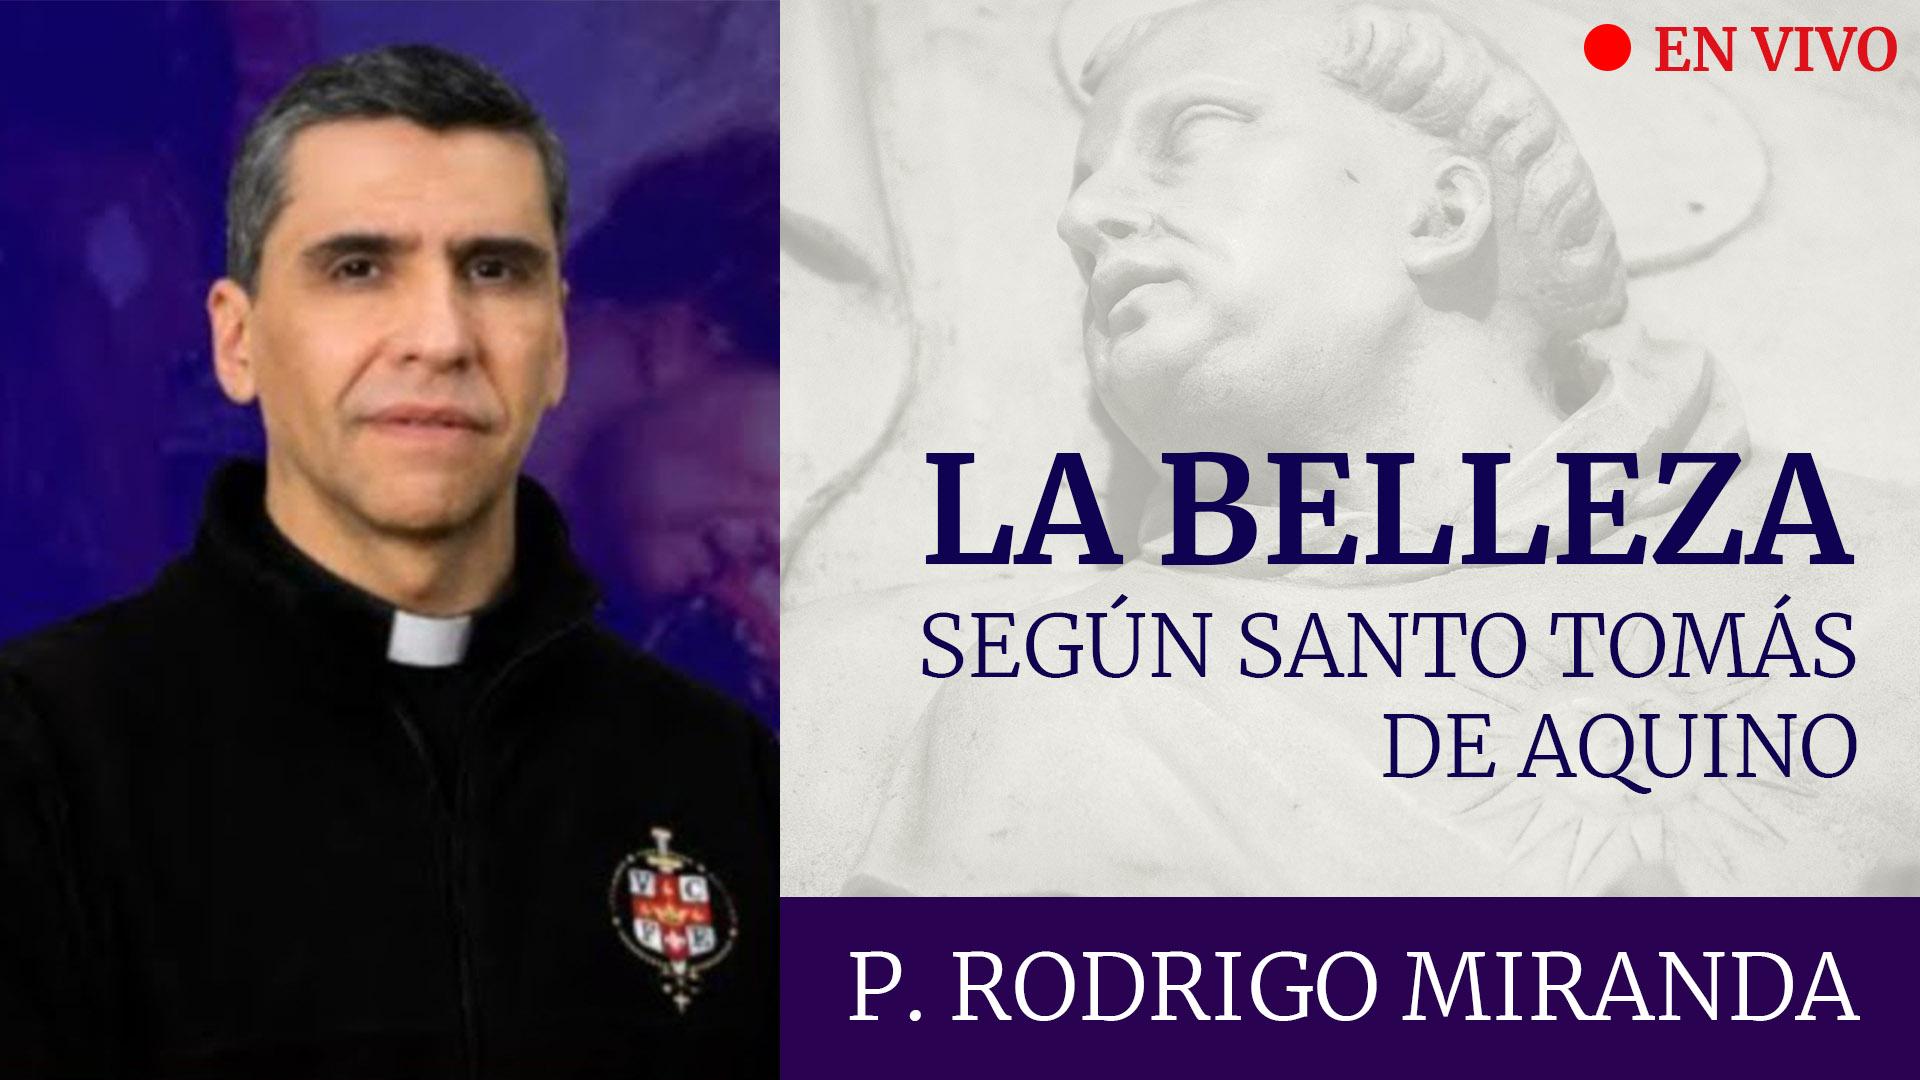 """Featured image for """"EN VIVO: La Belleza según Santo Tomás de Aquino – P. Rodrigo Miranda"""""""